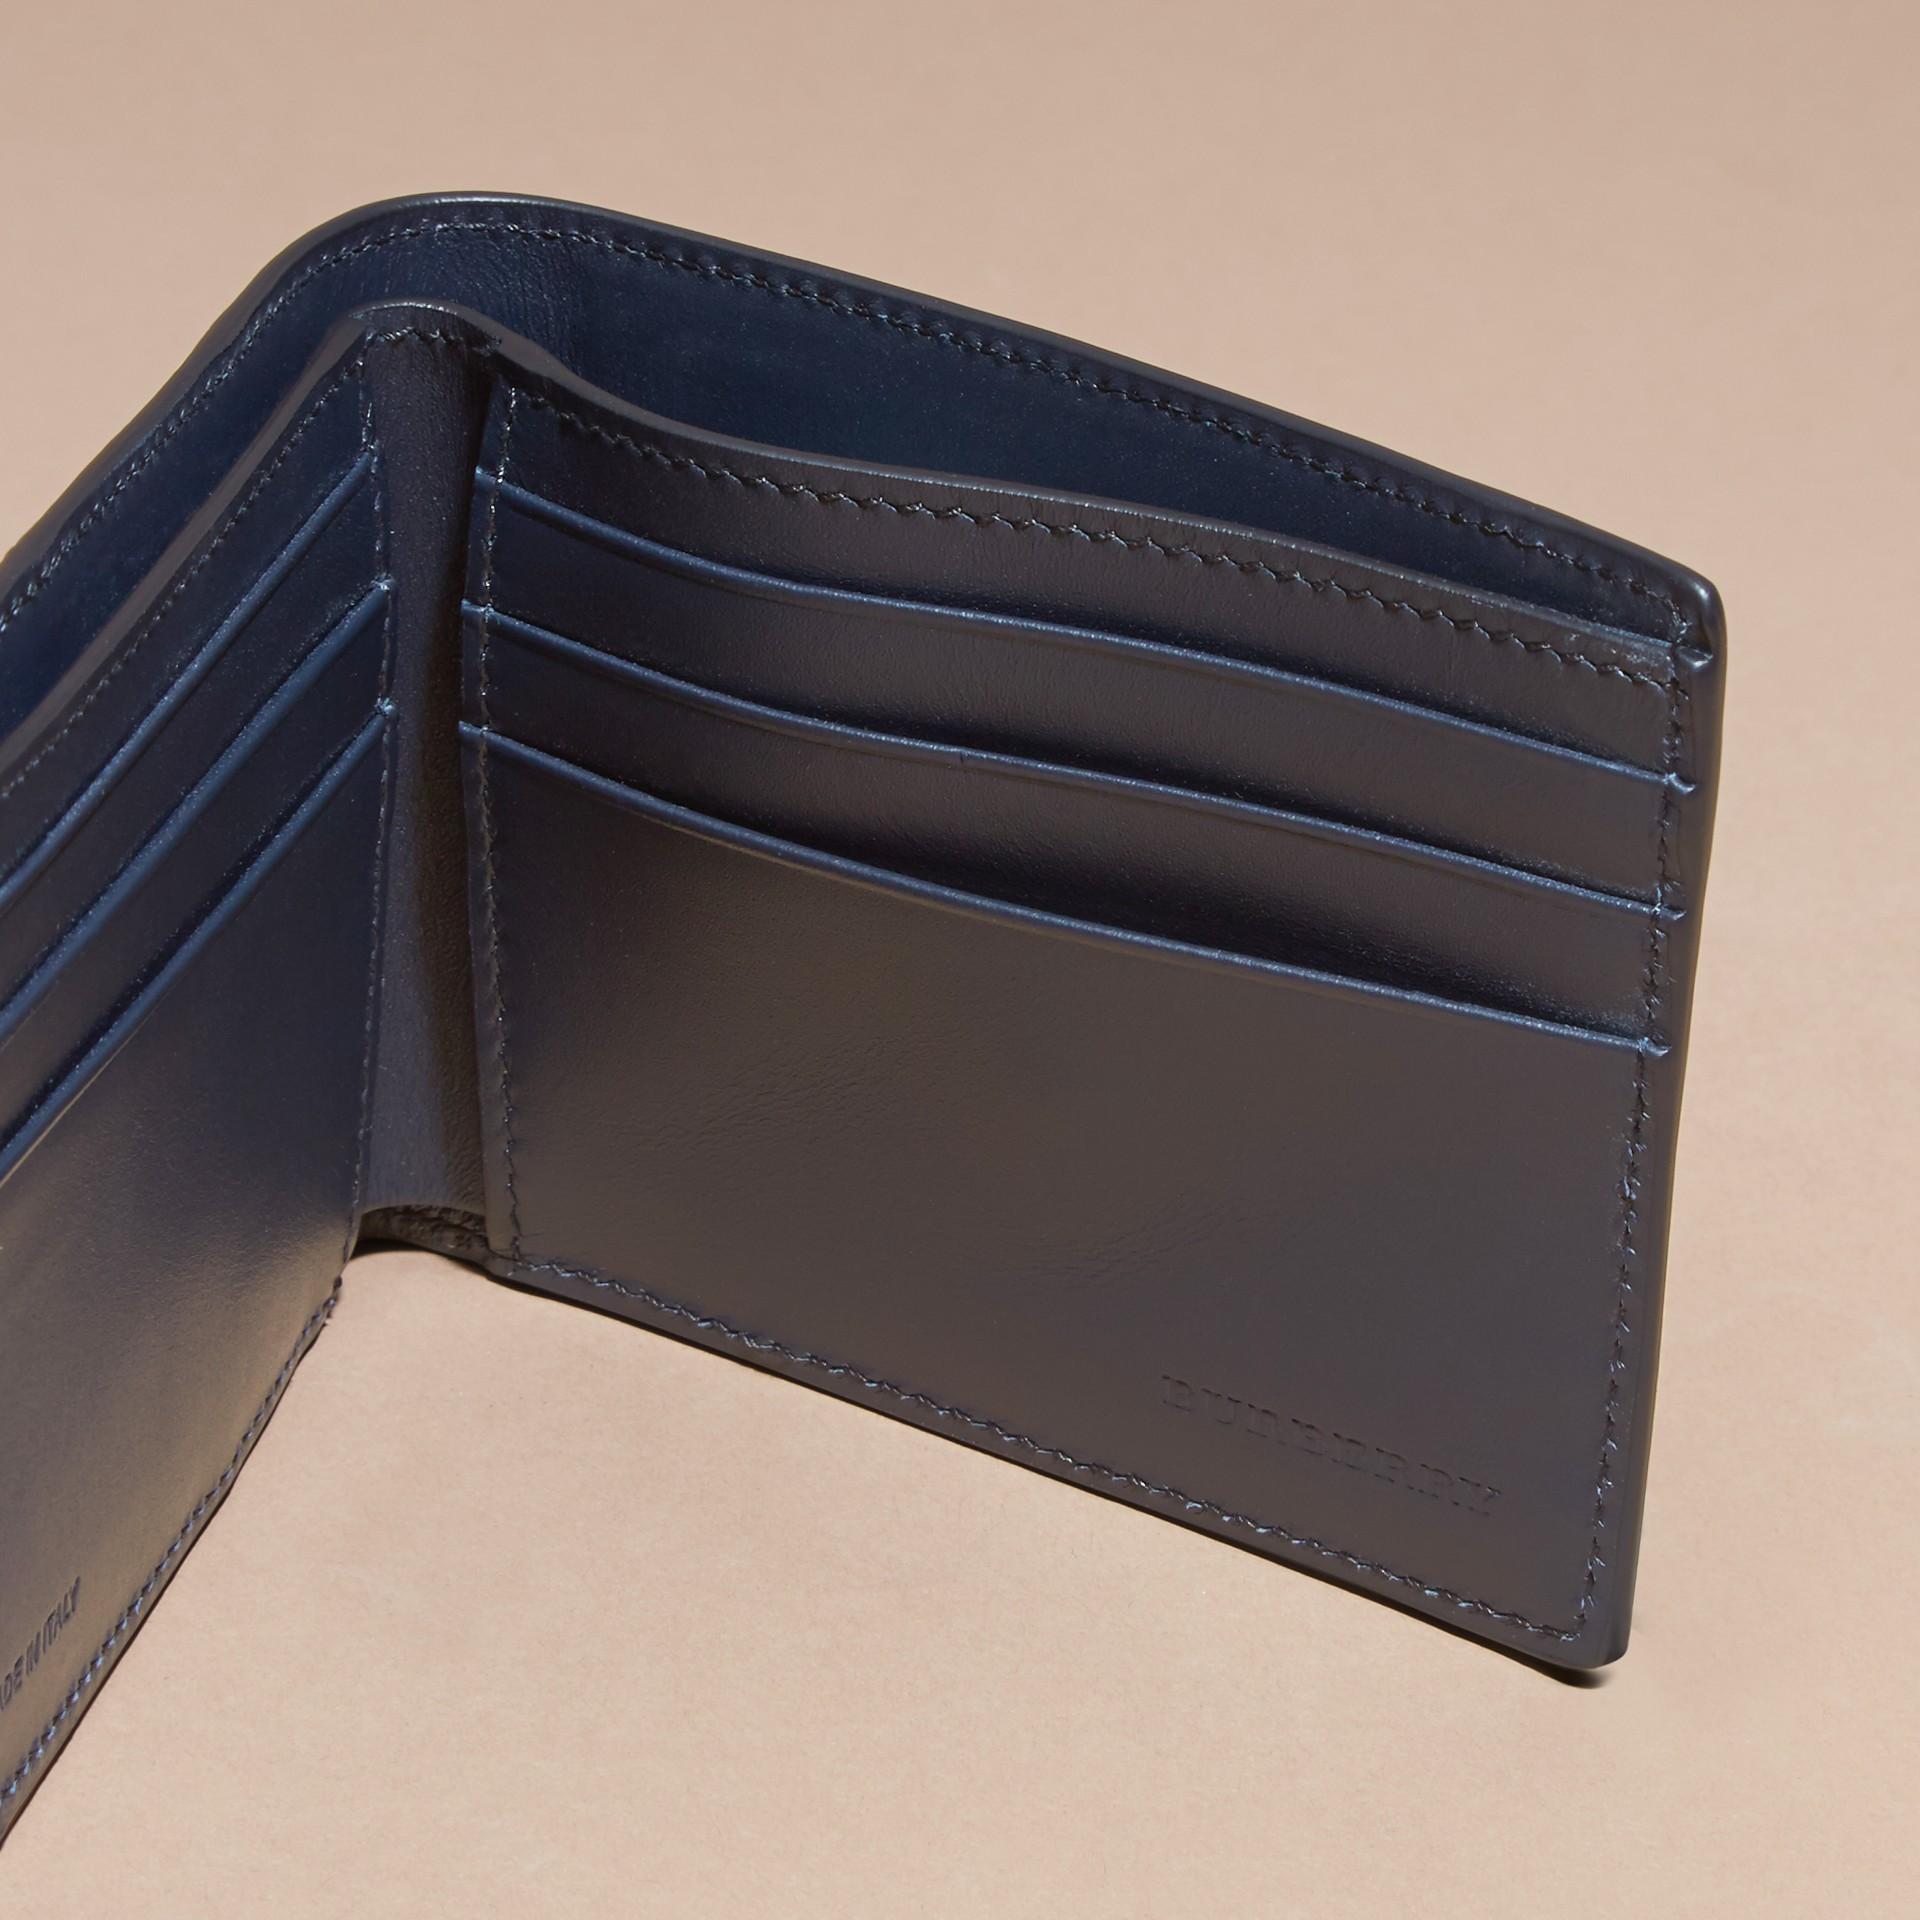 Navy scuro Portafoglio a libro in pelle London a blocchi di colore Navy Scuro - immagine della galleria 5